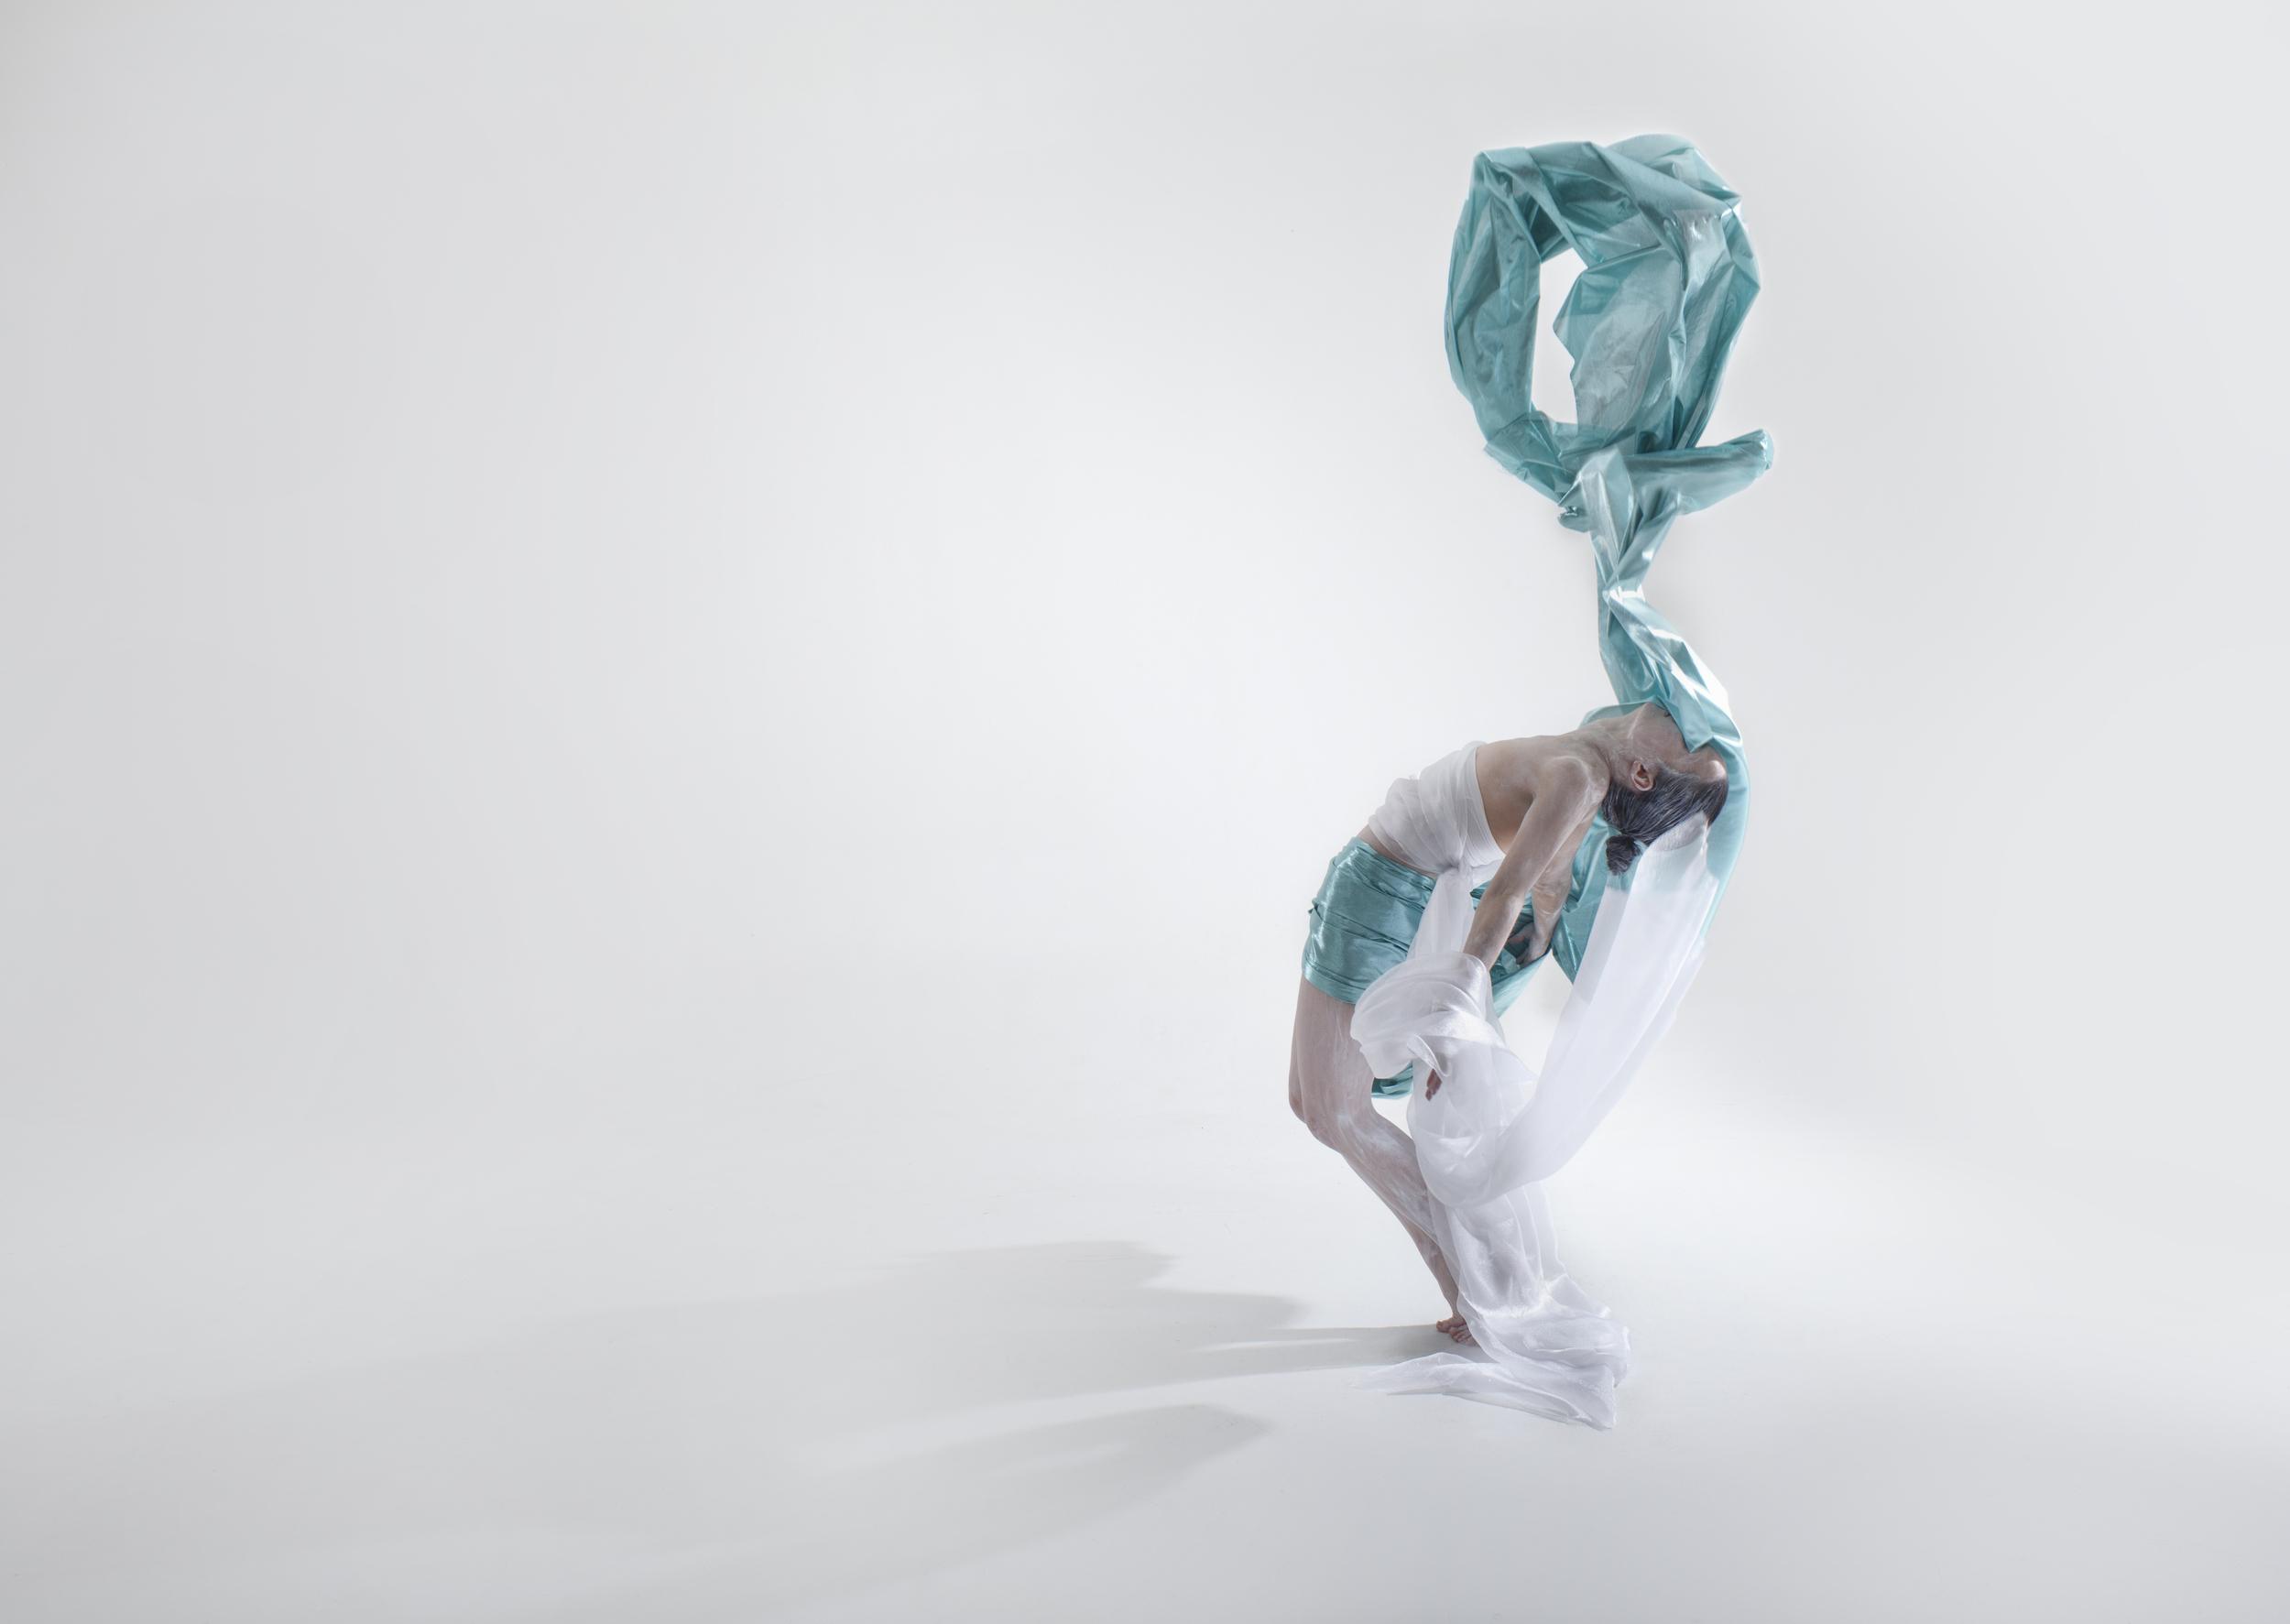 Body of Ice